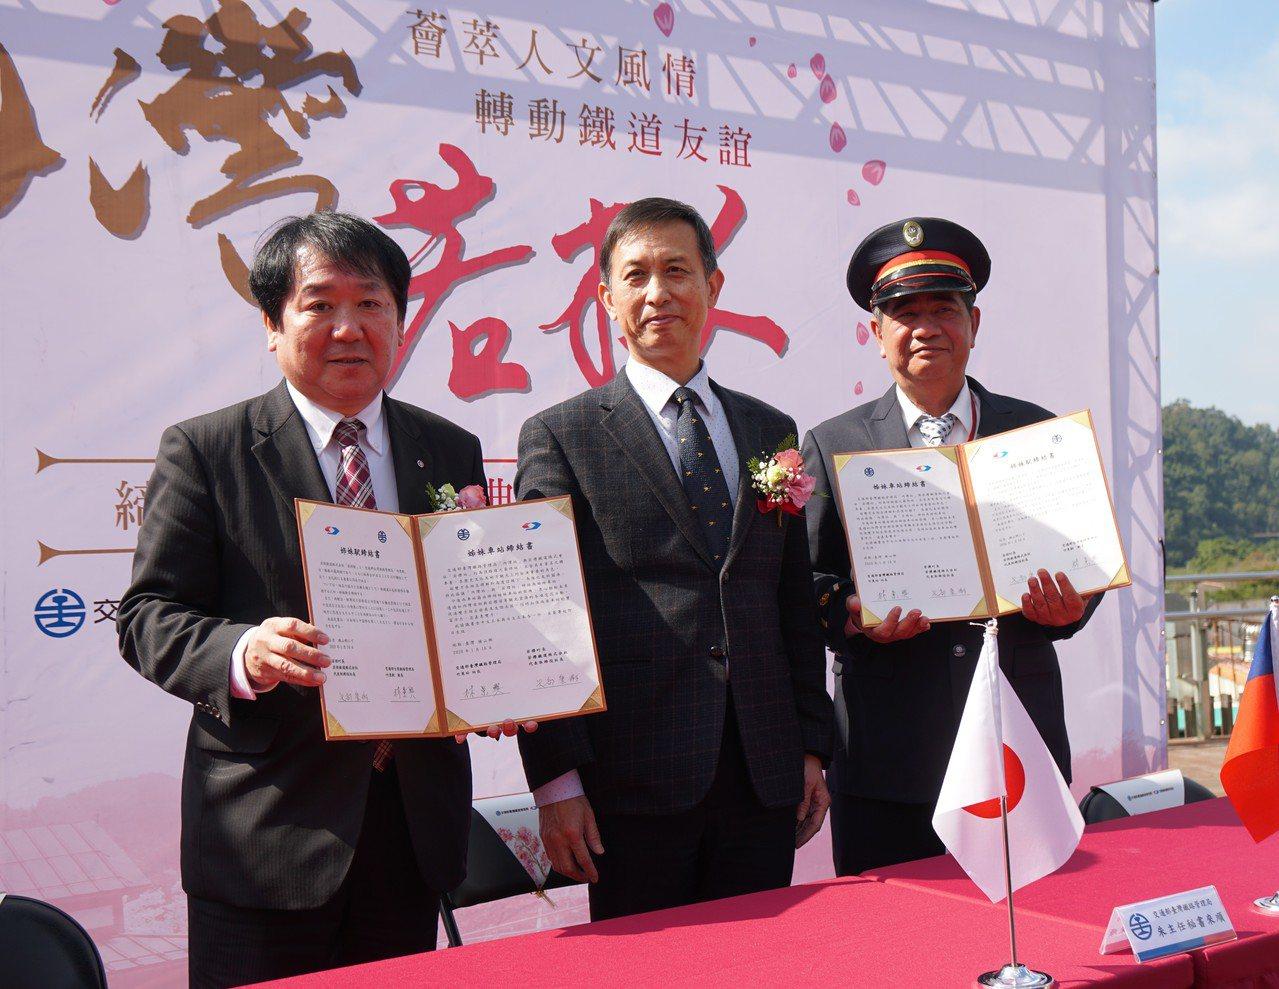 竹東站長林景興(右)與若櫻鐵道社長矢部康樹(左)共同簽署締結書。記者陳斯穎/攝影